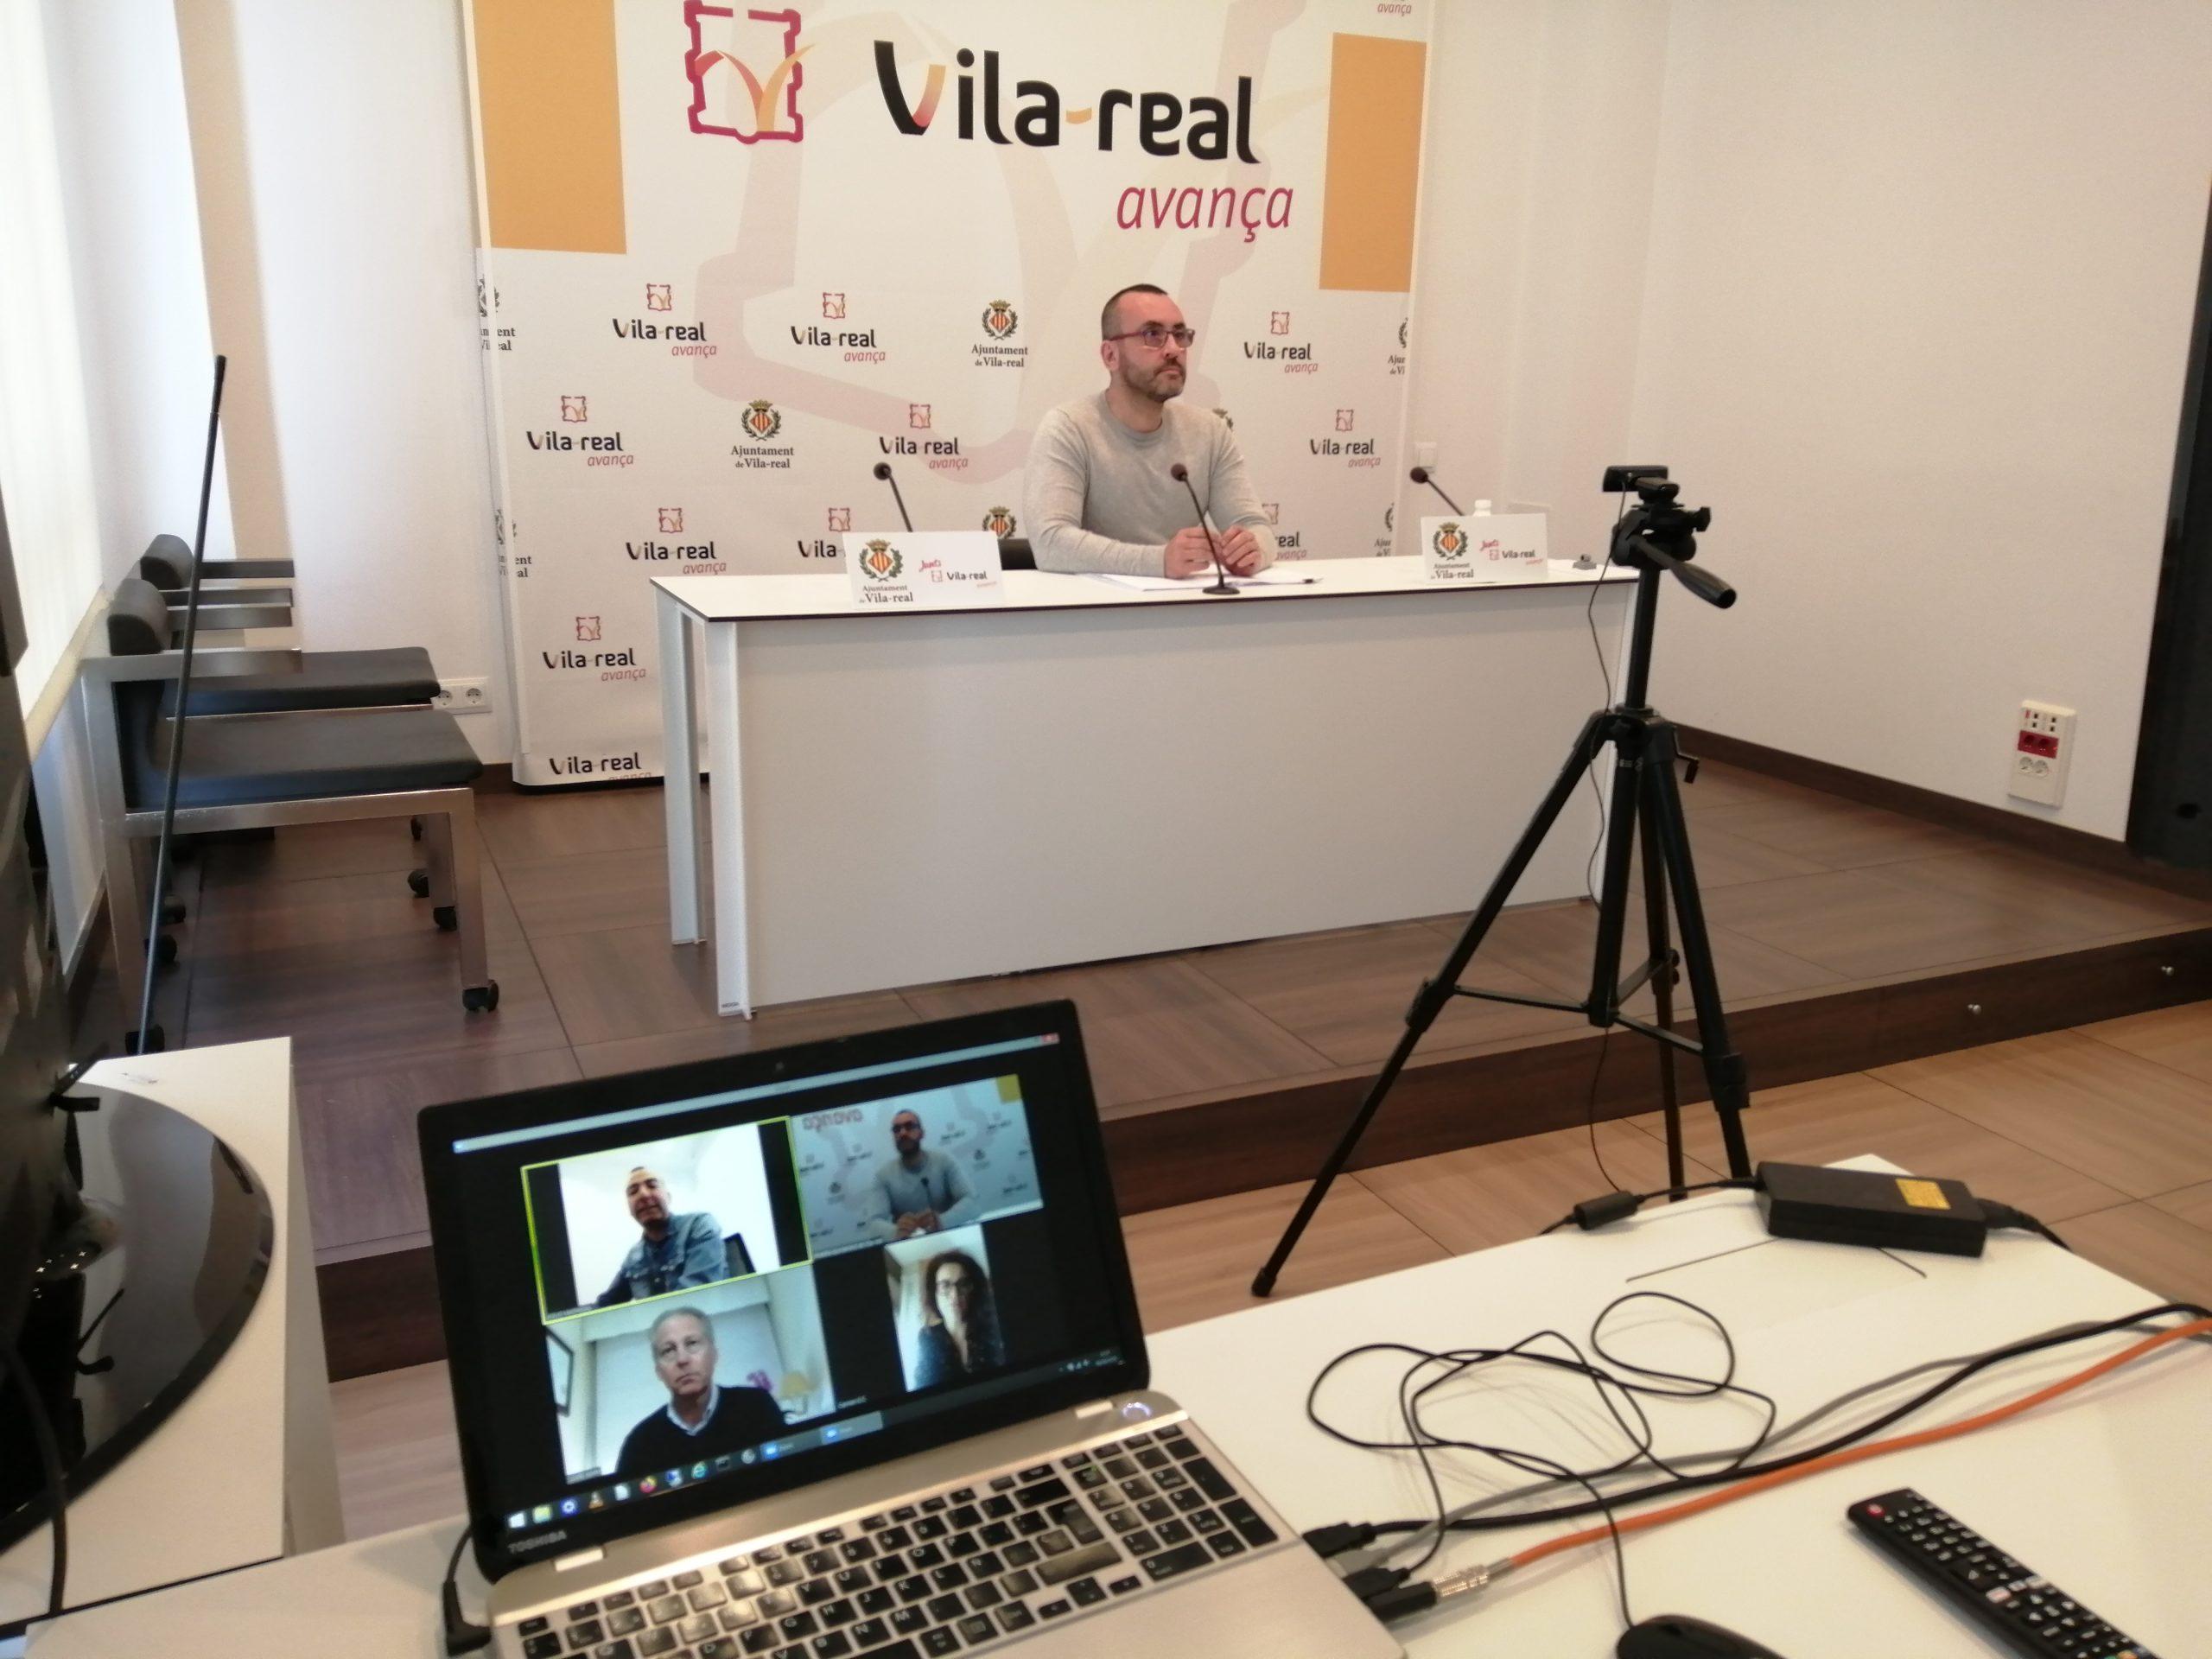 El Ayuntamiento de Vila-real y Ucovi habilitan un servicio de asesoramiento gratuito para facilitar a comerciantes y autónomos subvenciones